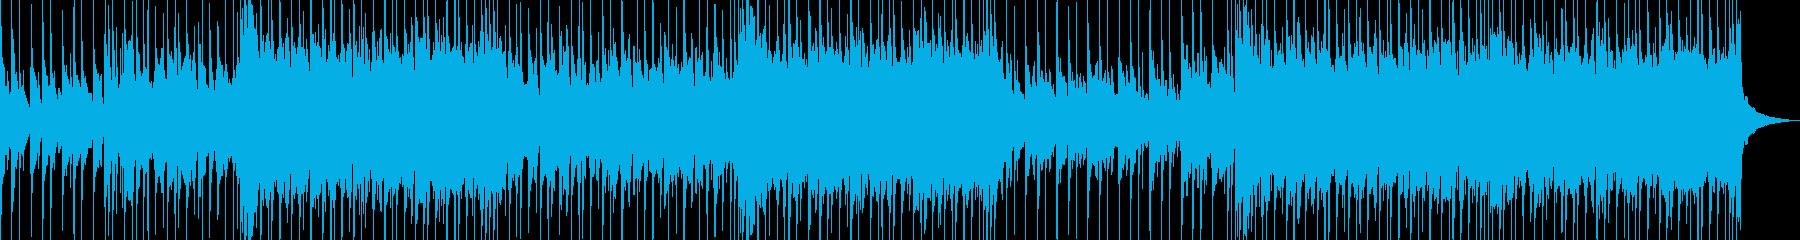 ポジティブなライトロックトラックの再生済みの波形